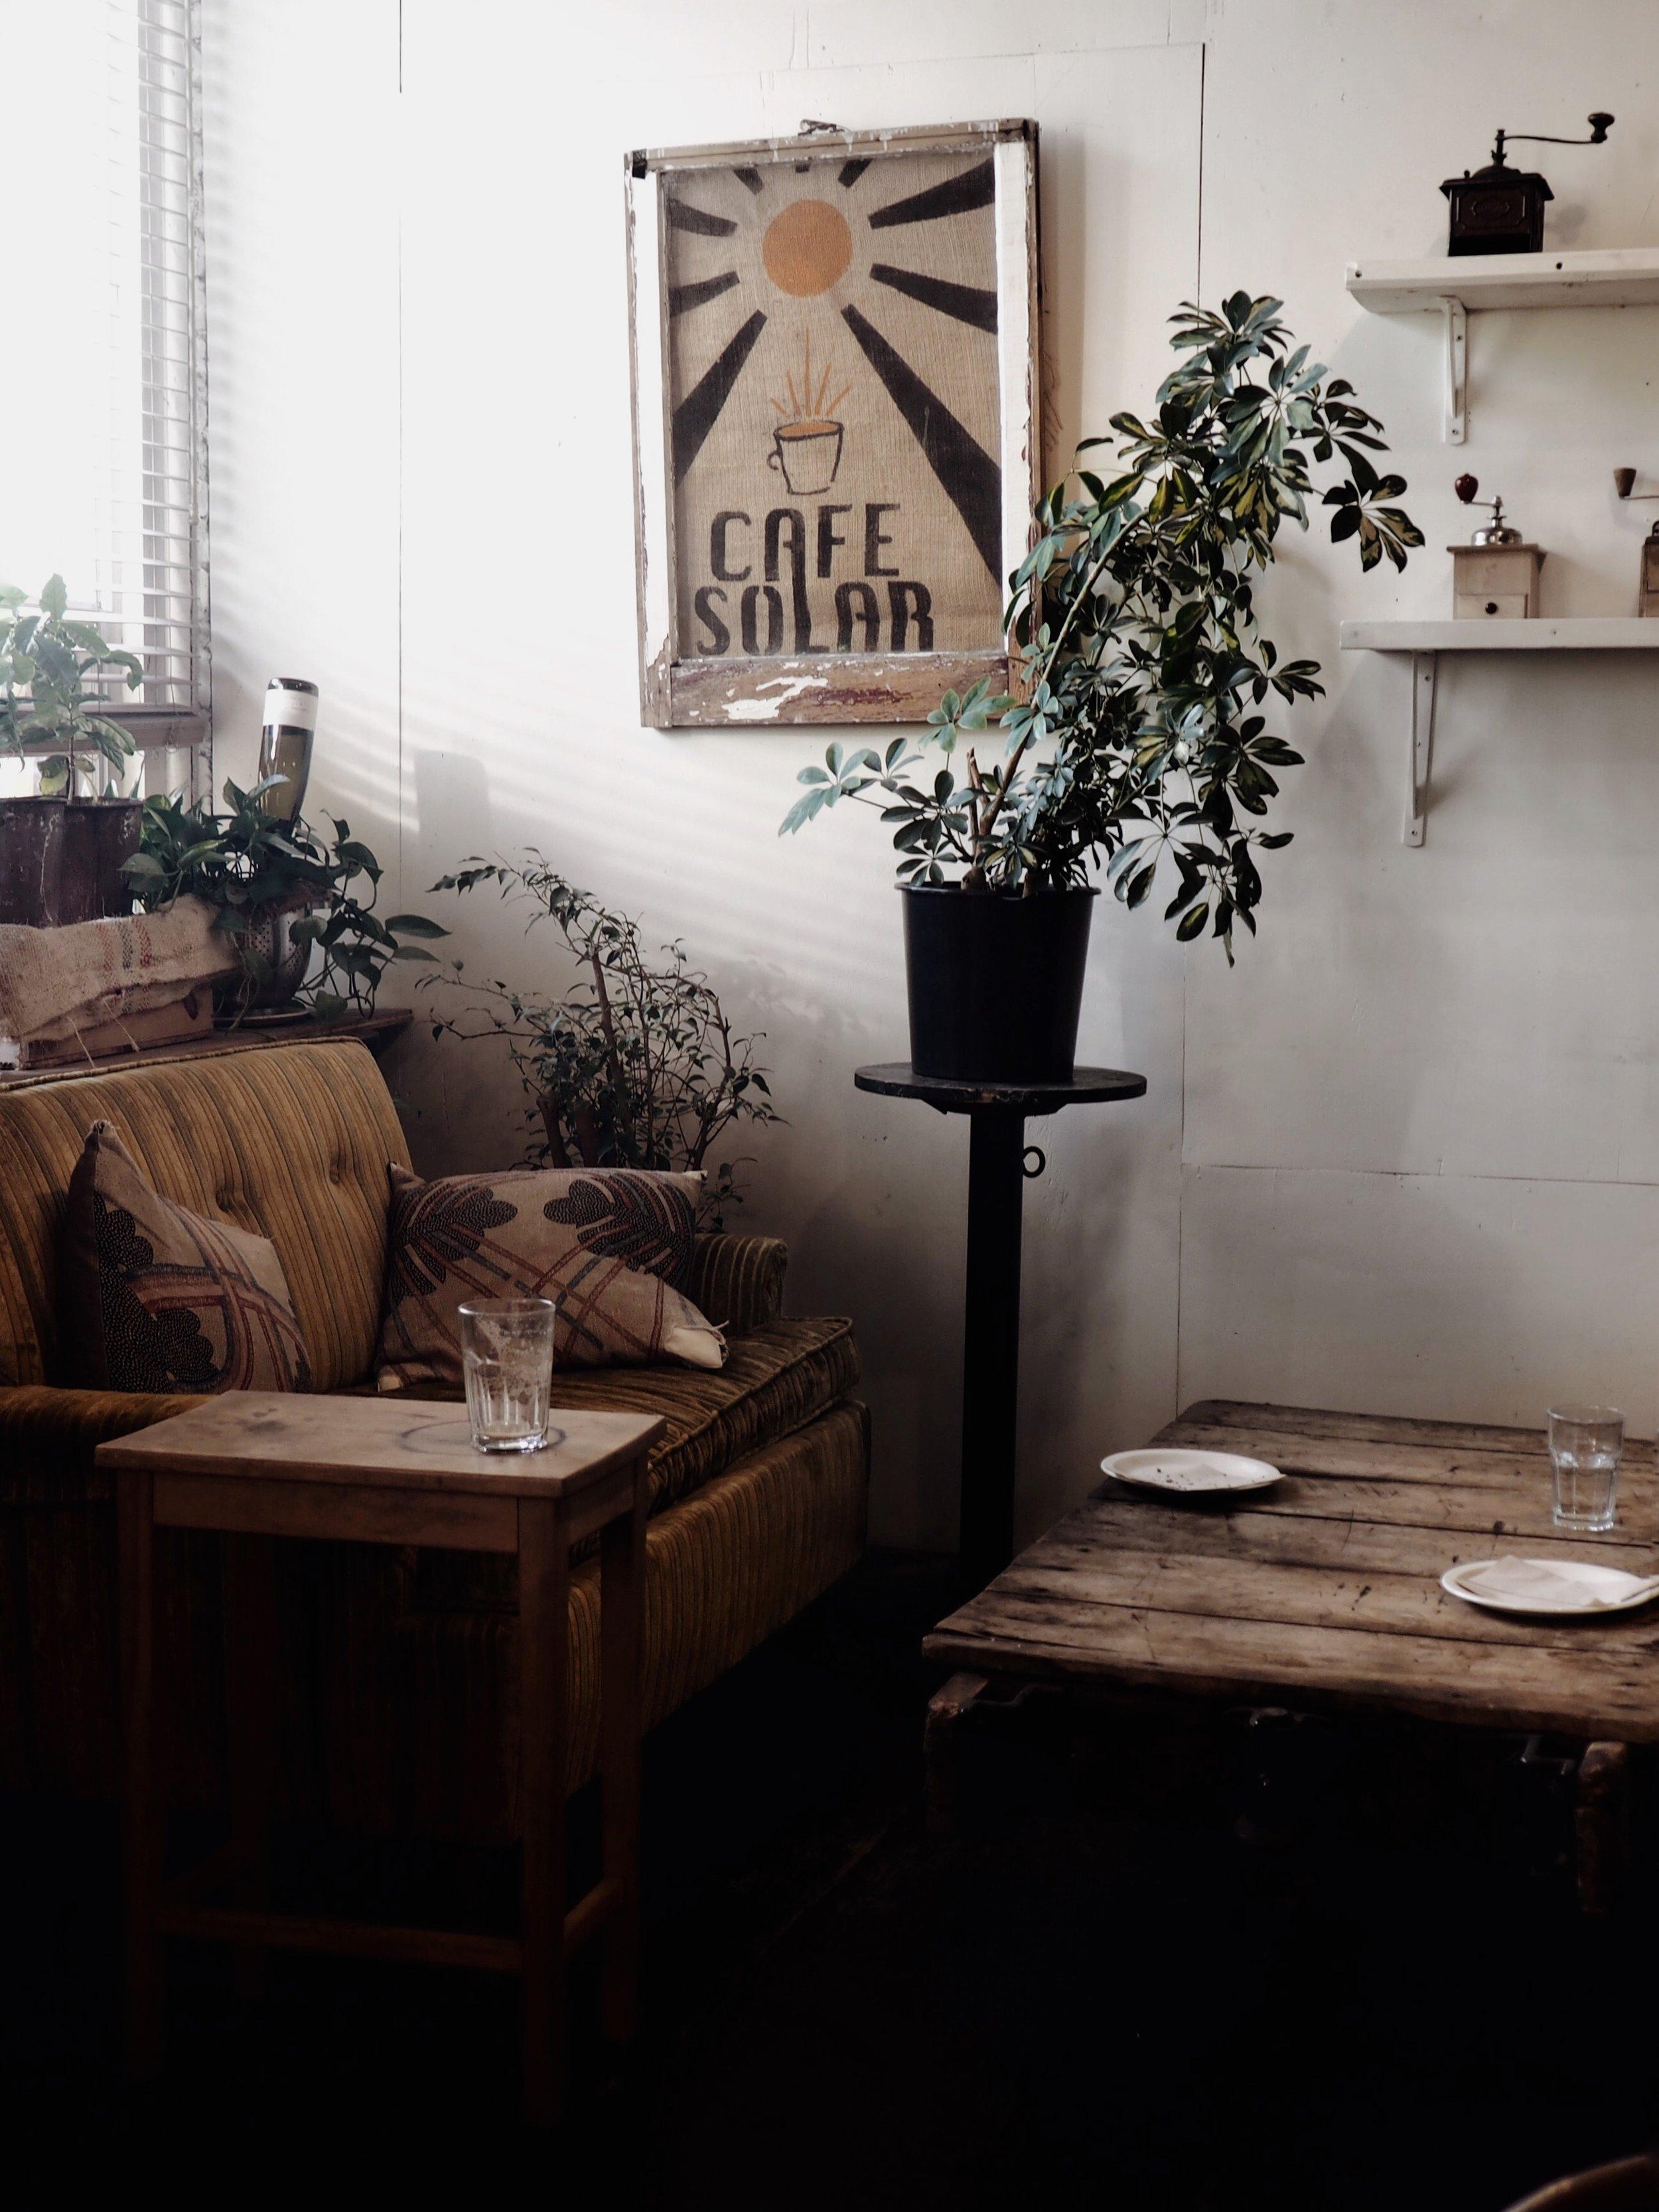 cafe solar coffee shop